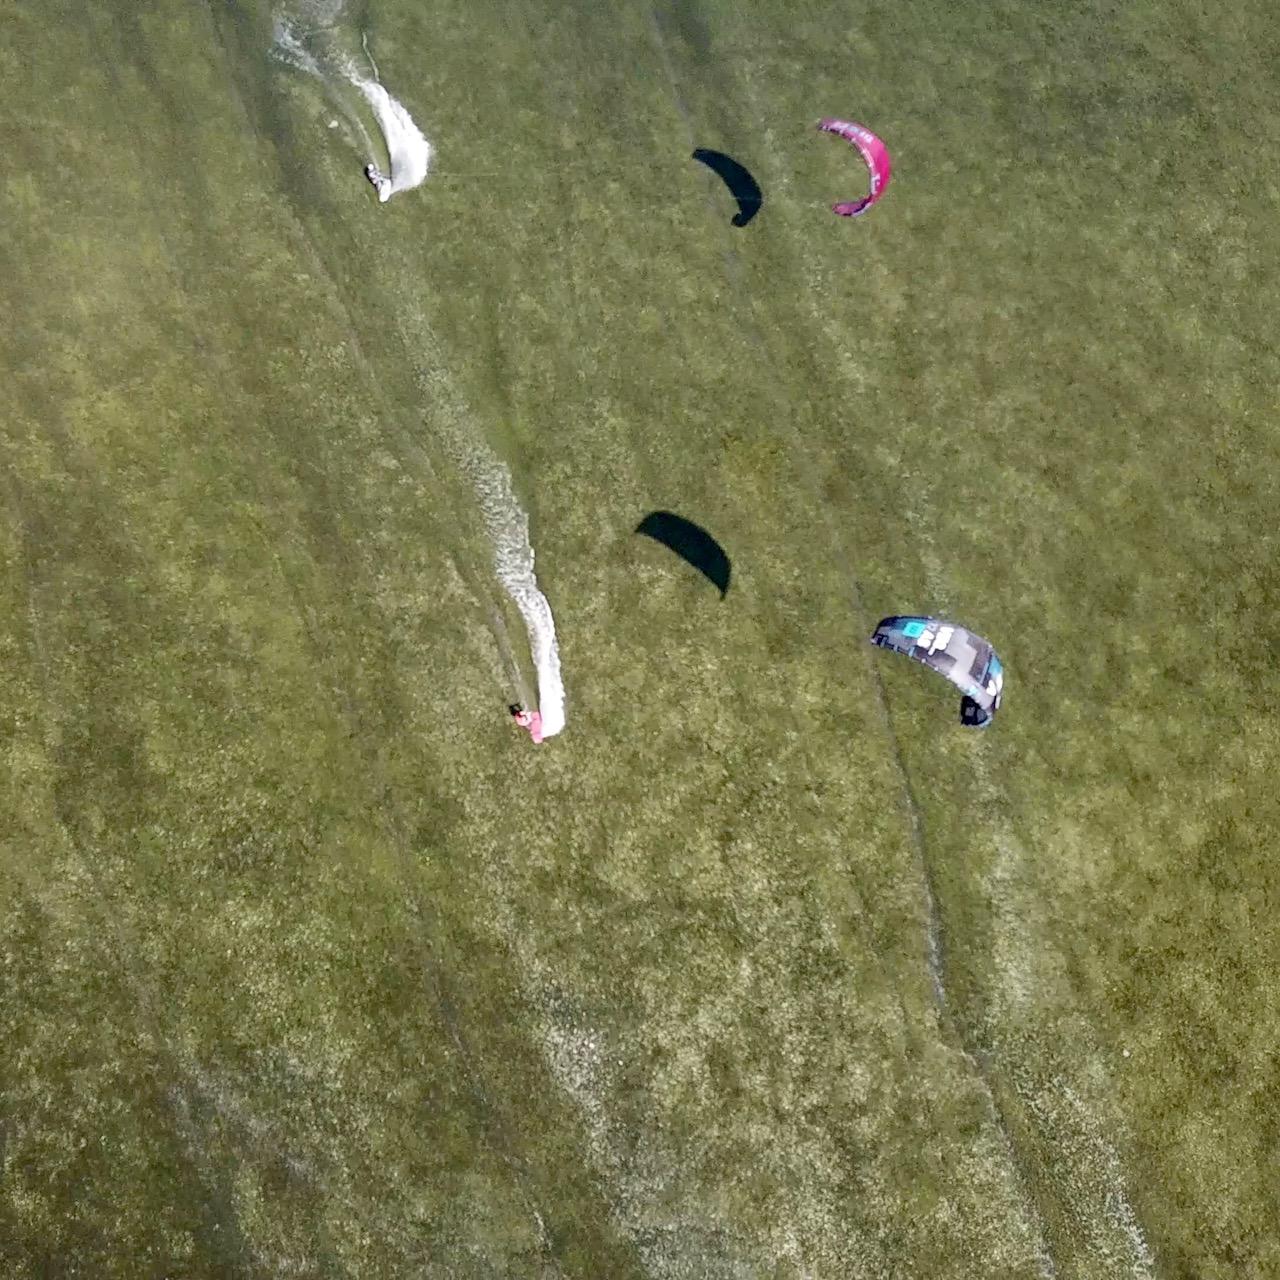 spot kitesurfingowy dla początkujących, kite spot do nauki, kitesurfing spot lostagnone